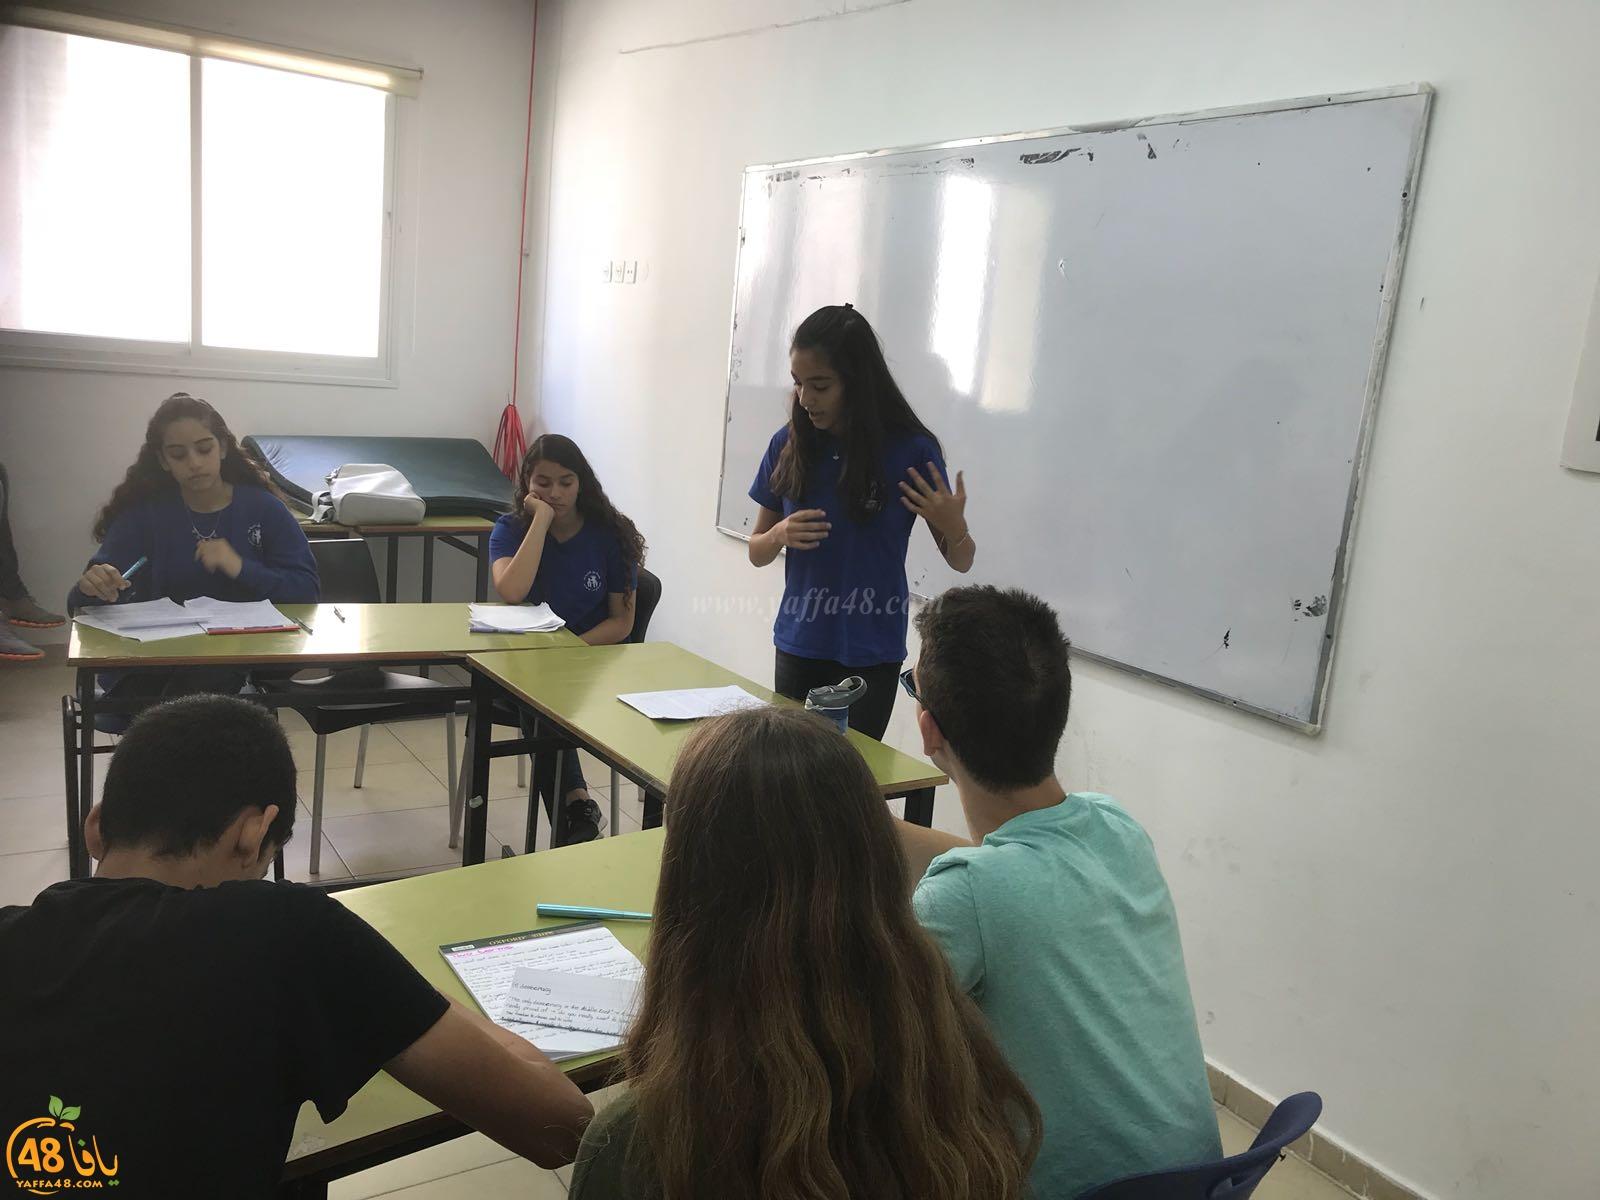 طلاب أجيال الثانوية يشاركون في التصفية النهائية لمسابقة الحوار باللغة الإنجليزية